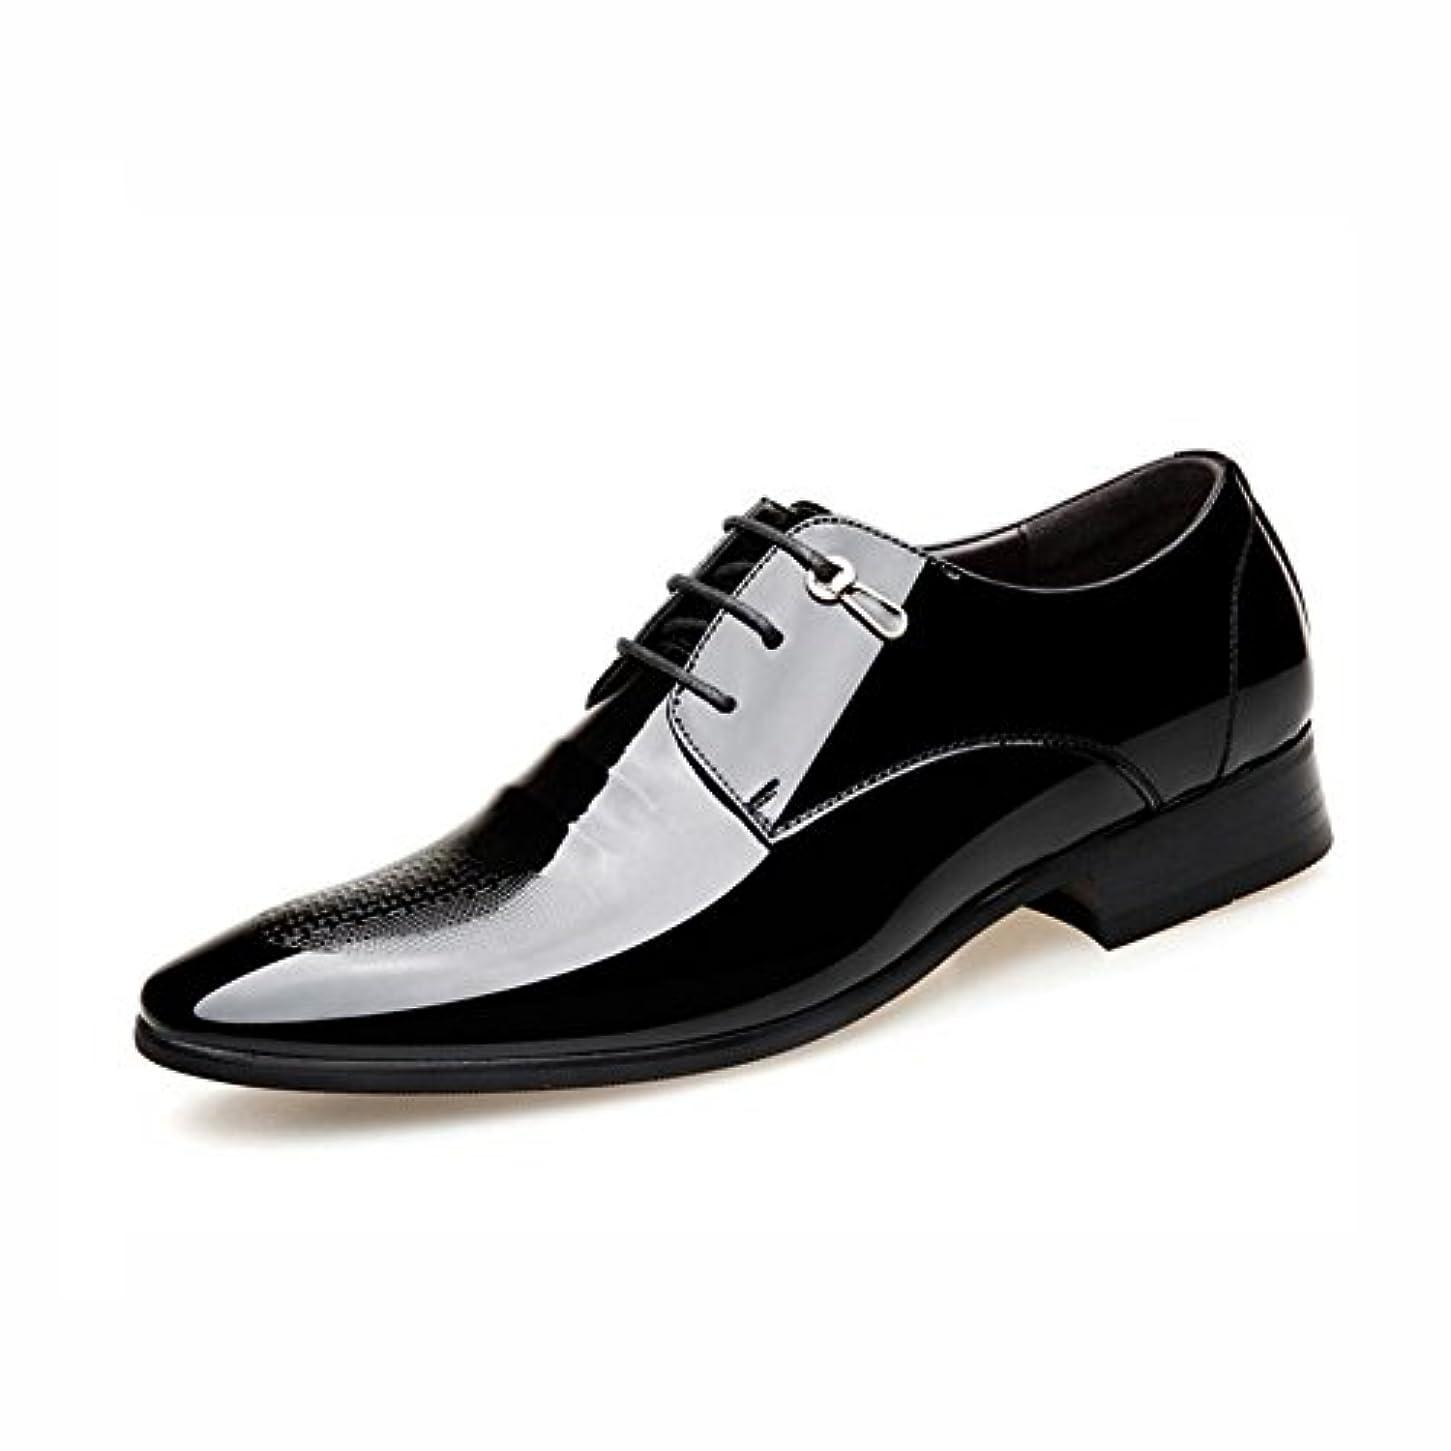 慈悲溶岩アクセスメンズフォーマルレザーシューズ, 春の秋は、つま先の靴を指摘, 英国スタイルのビジネスシューズ, 光沢のある革の靴, オフィスで一日に最適,Black,42